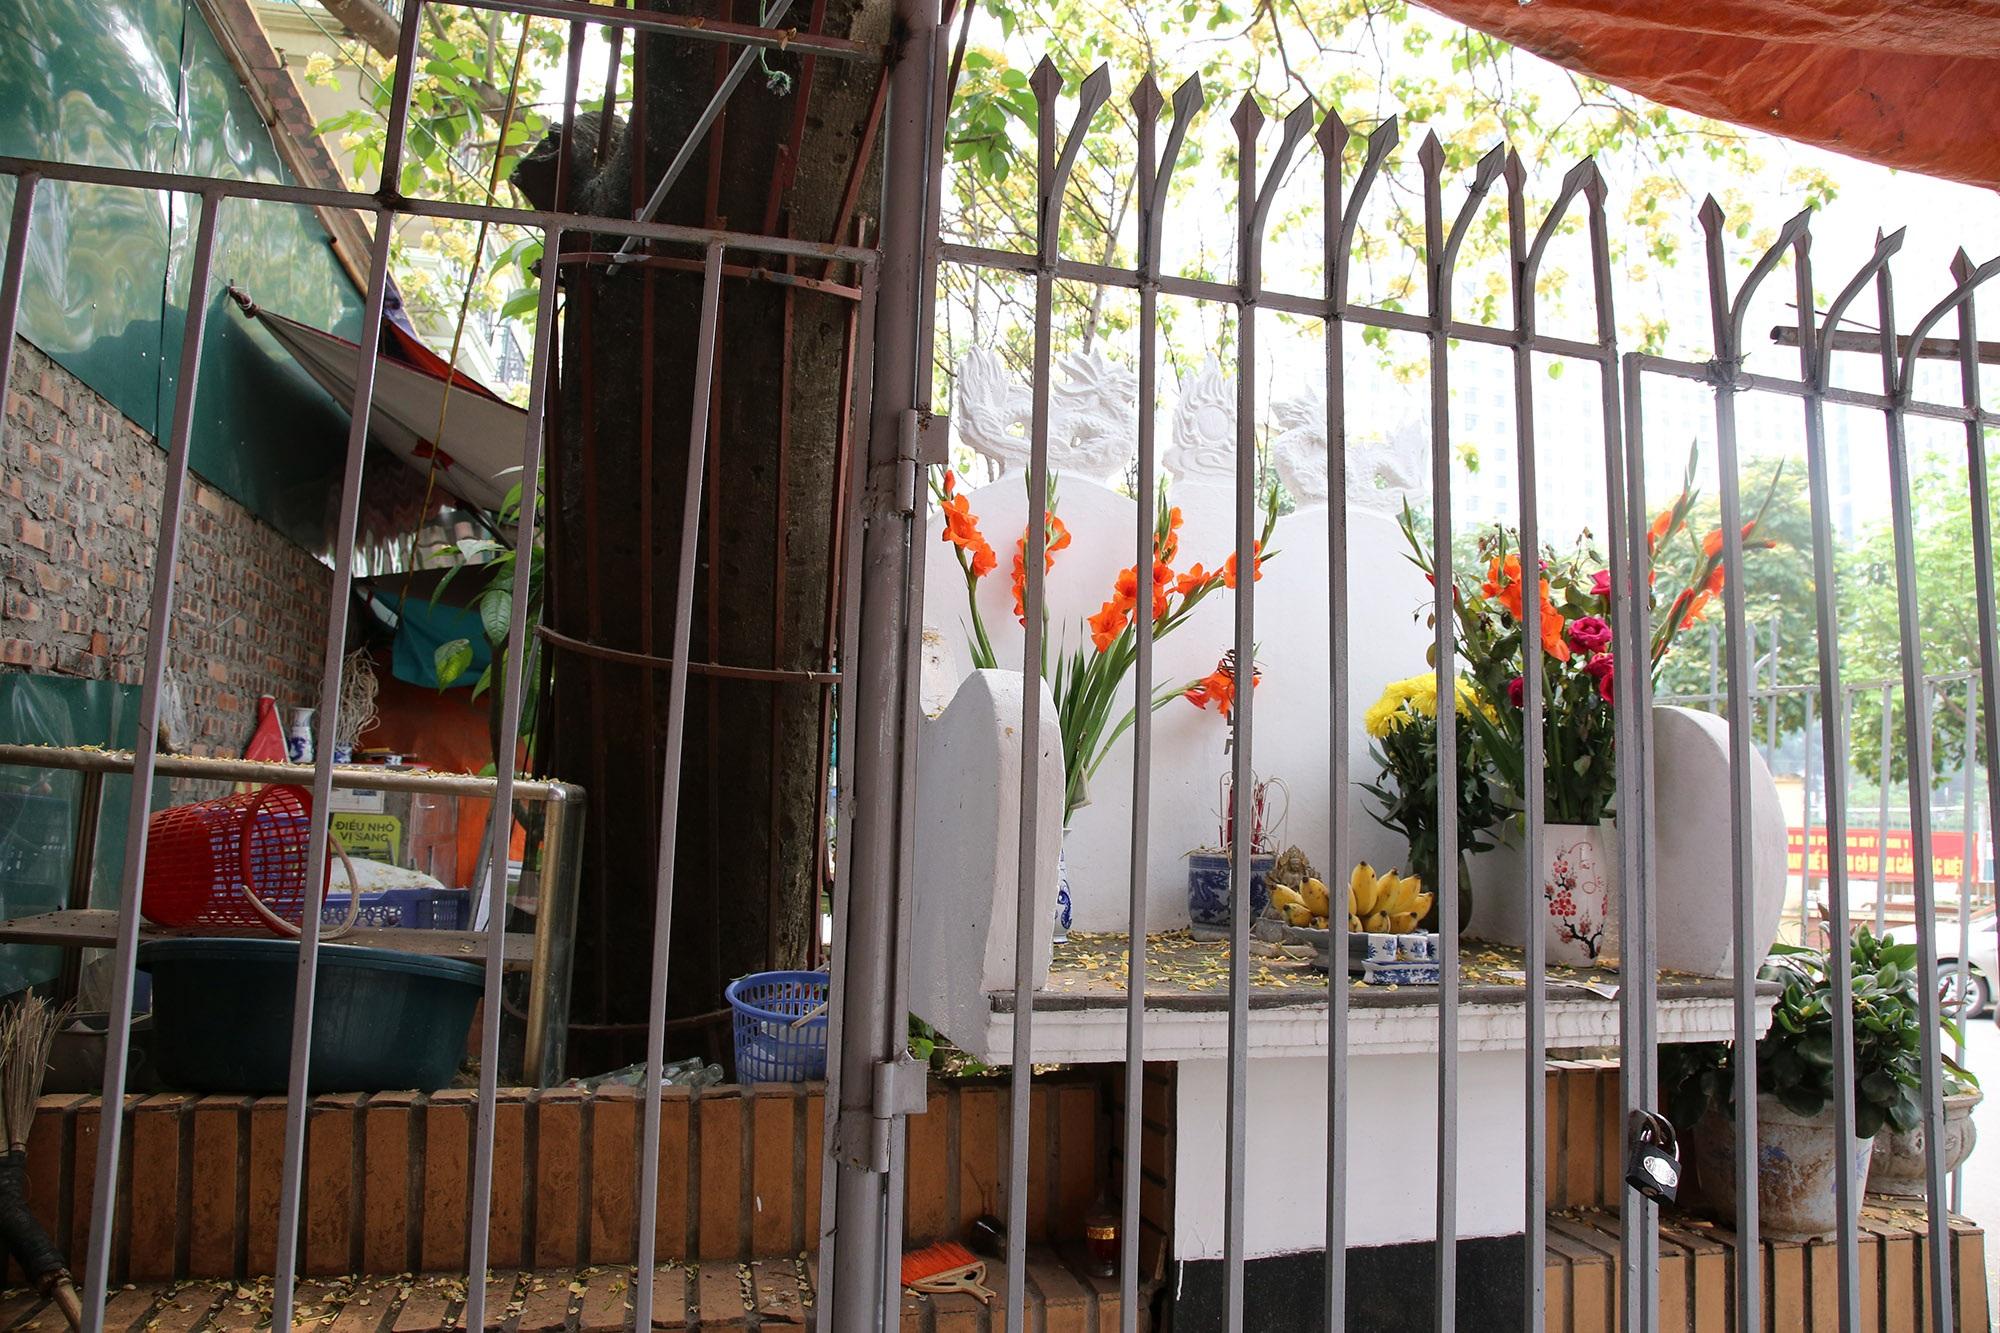 Cây hoa bún 300 tuổi ở Hà Nội thu hút người dân đổ về thưởng lãm - 8